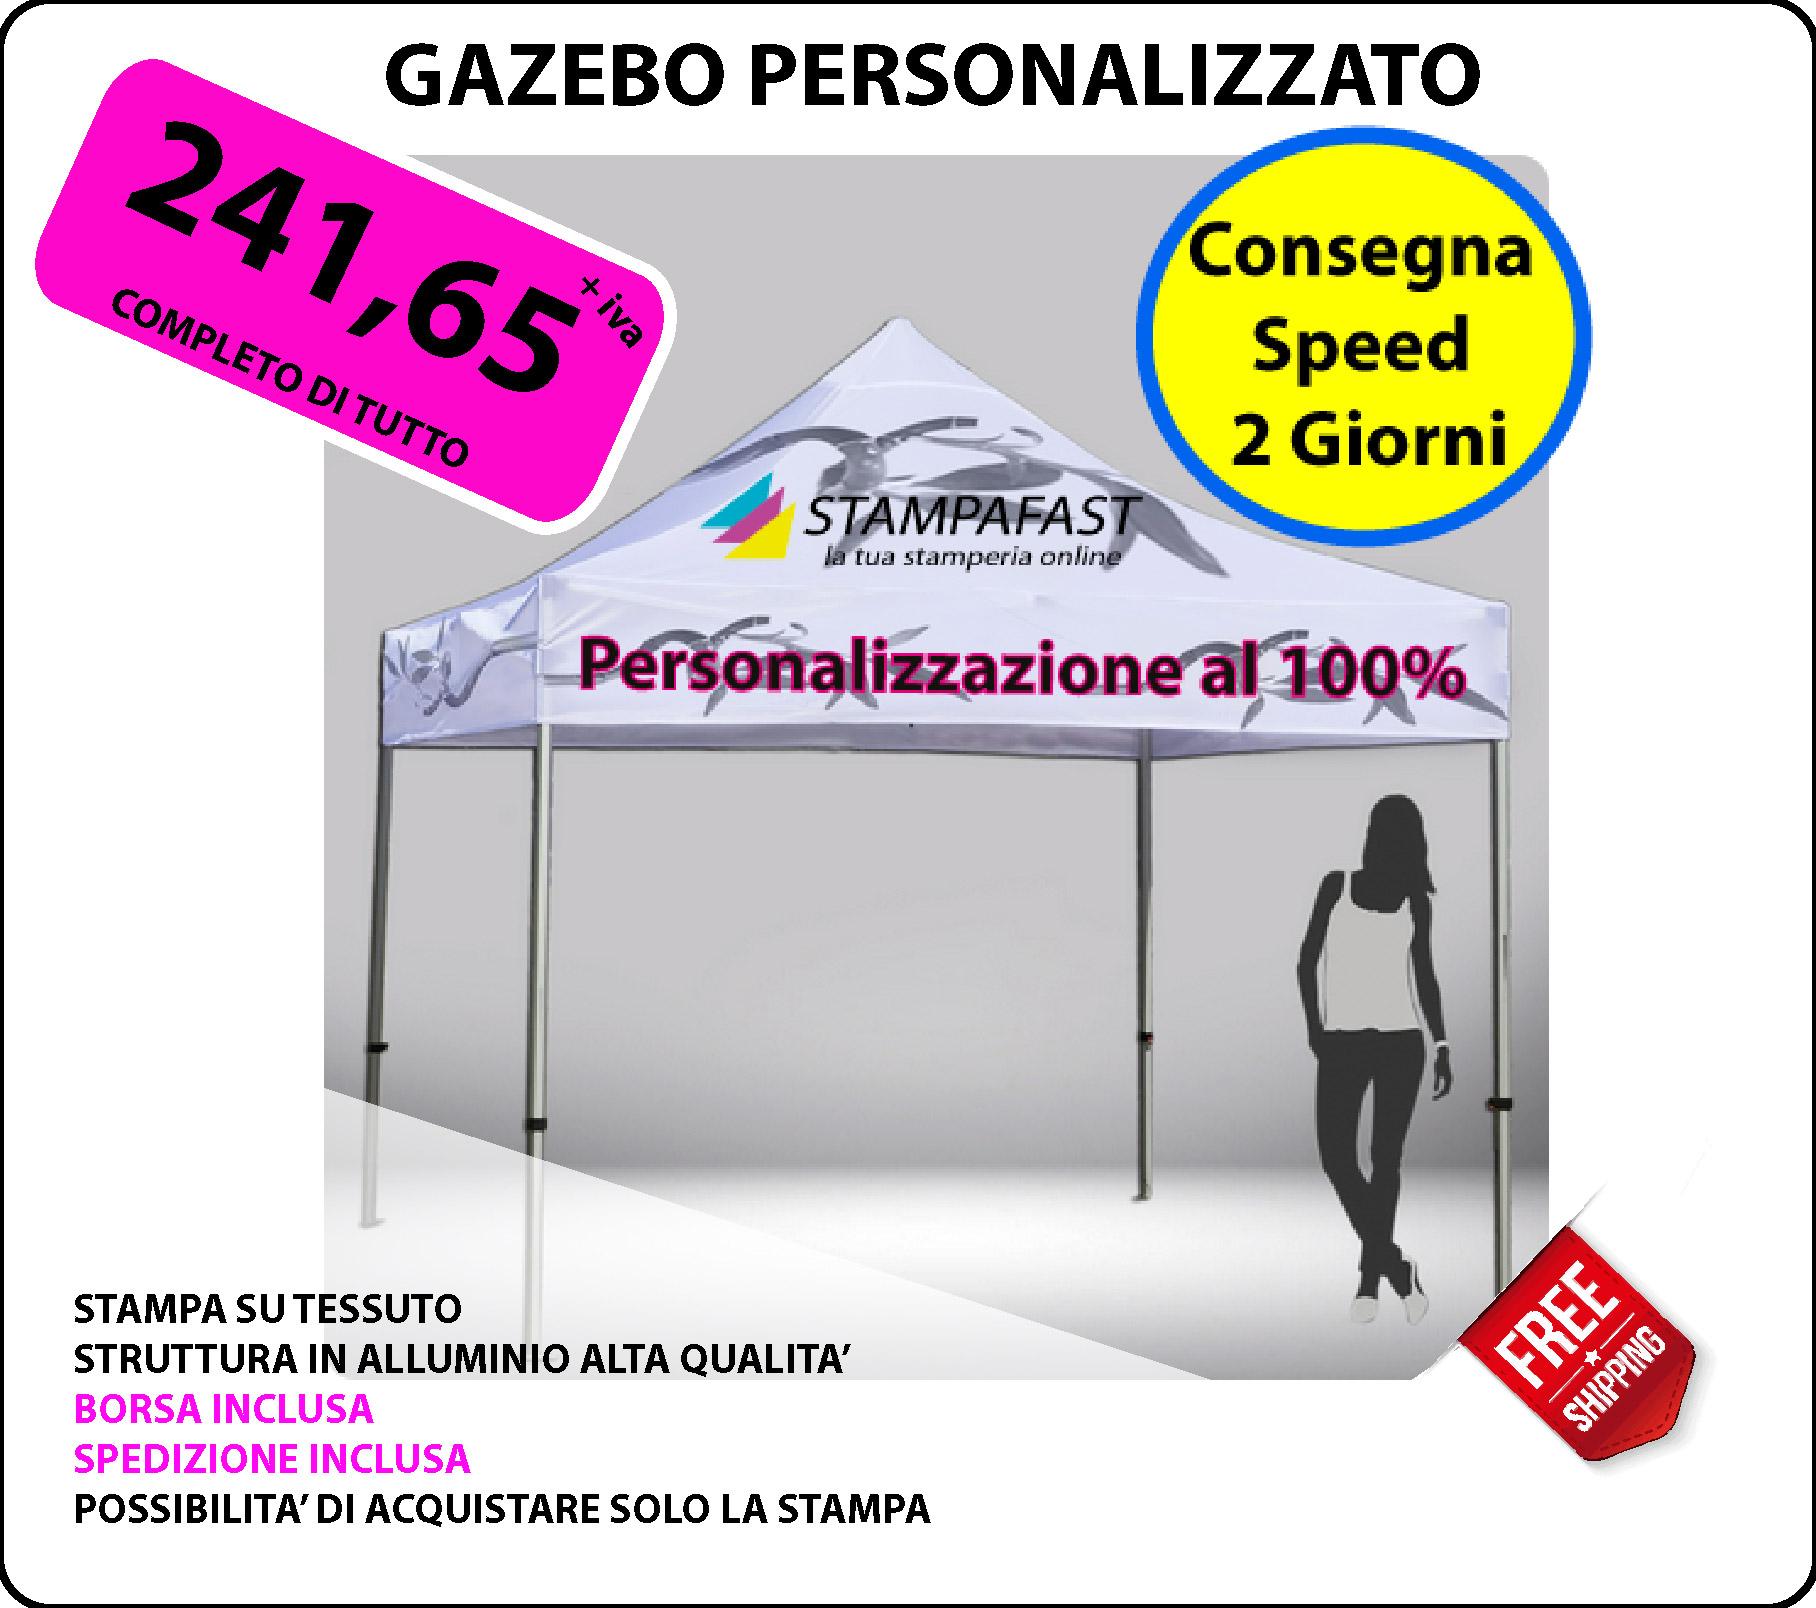 Gazebo Personalizzato